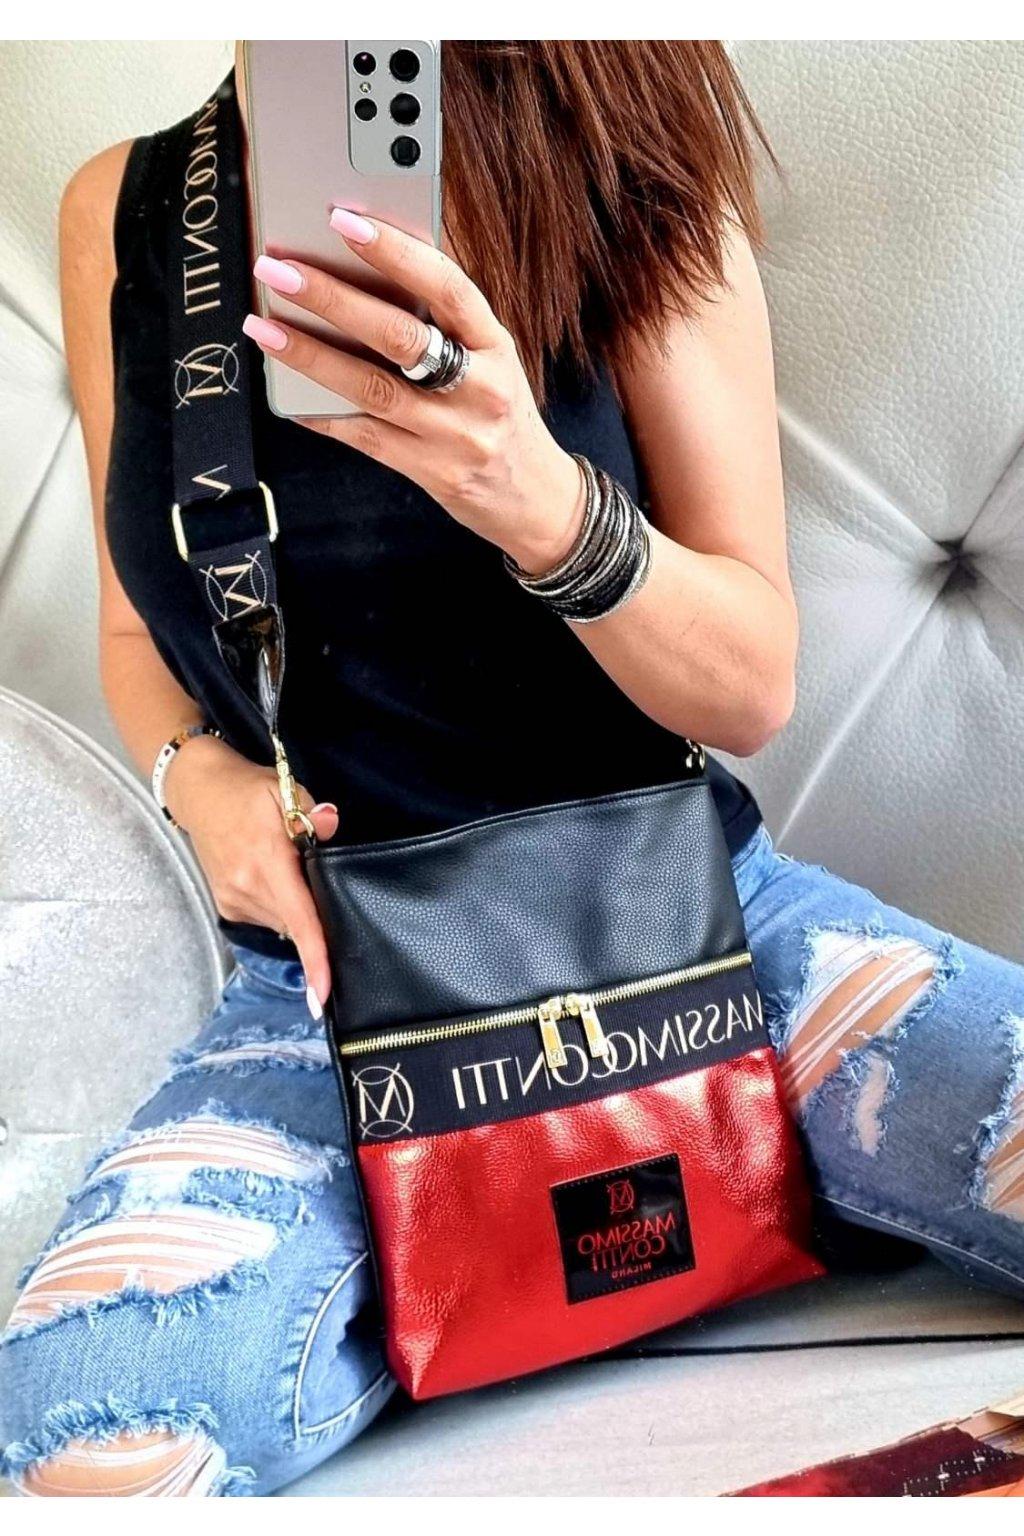 Massimo contti crossbody červenočerná II new kabelka trendy značková luxusní italy fashion